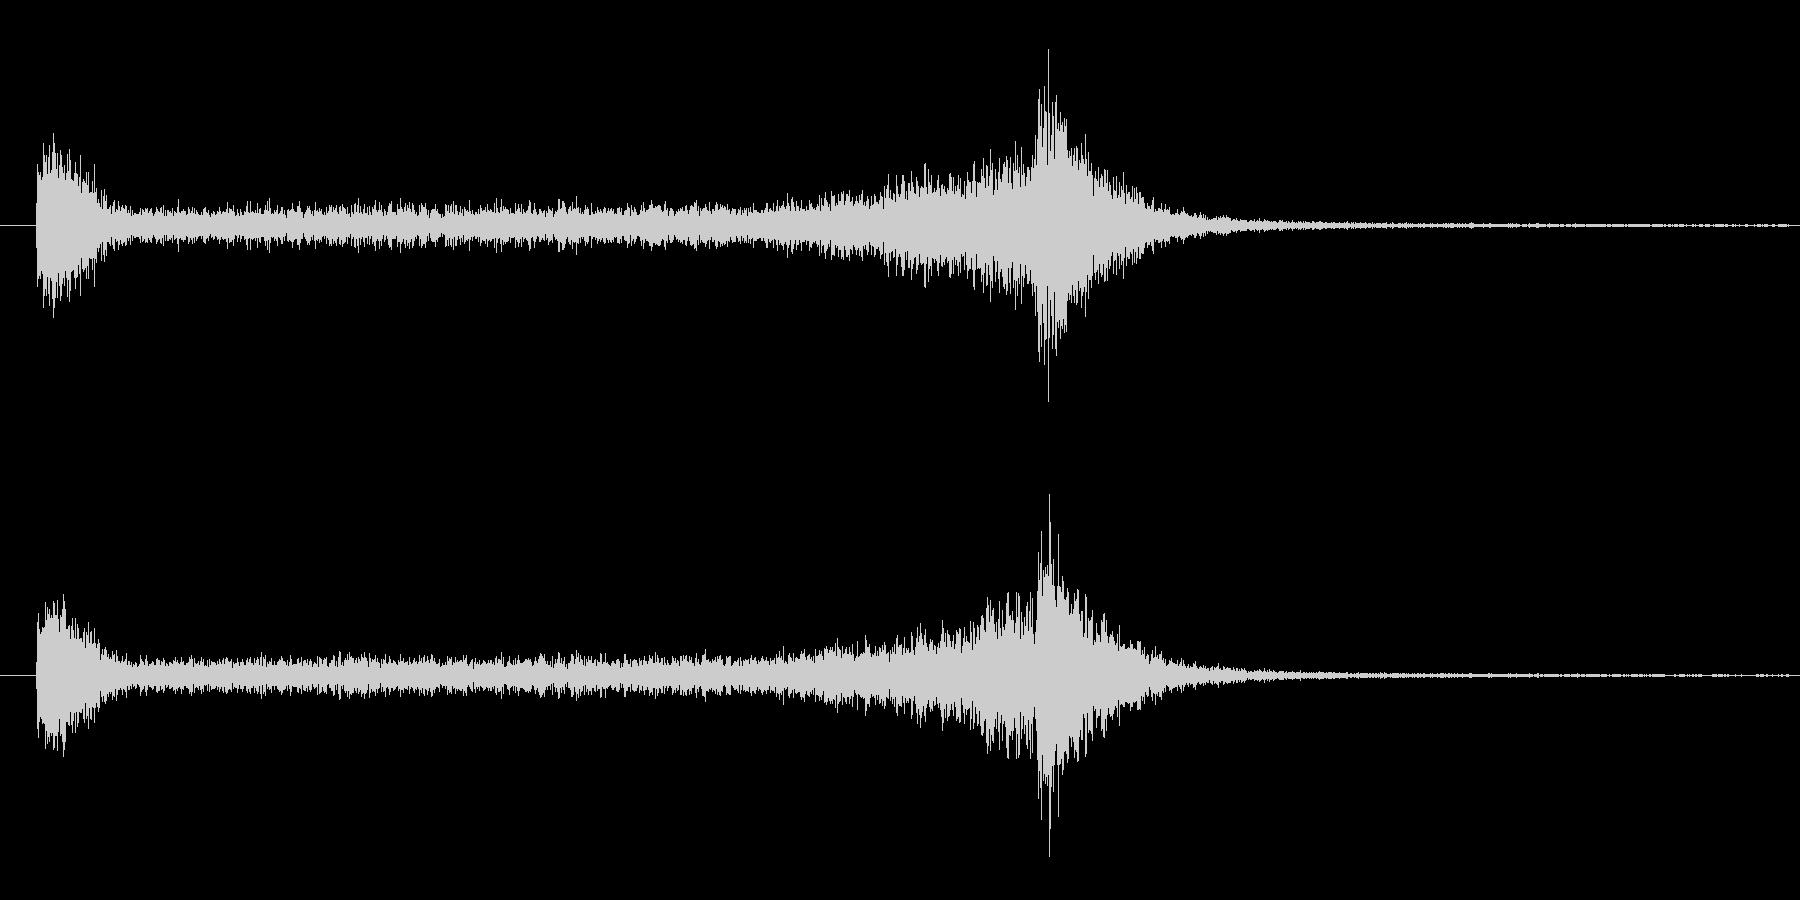 6秒間の豪華なドラムロールの未再生の波形